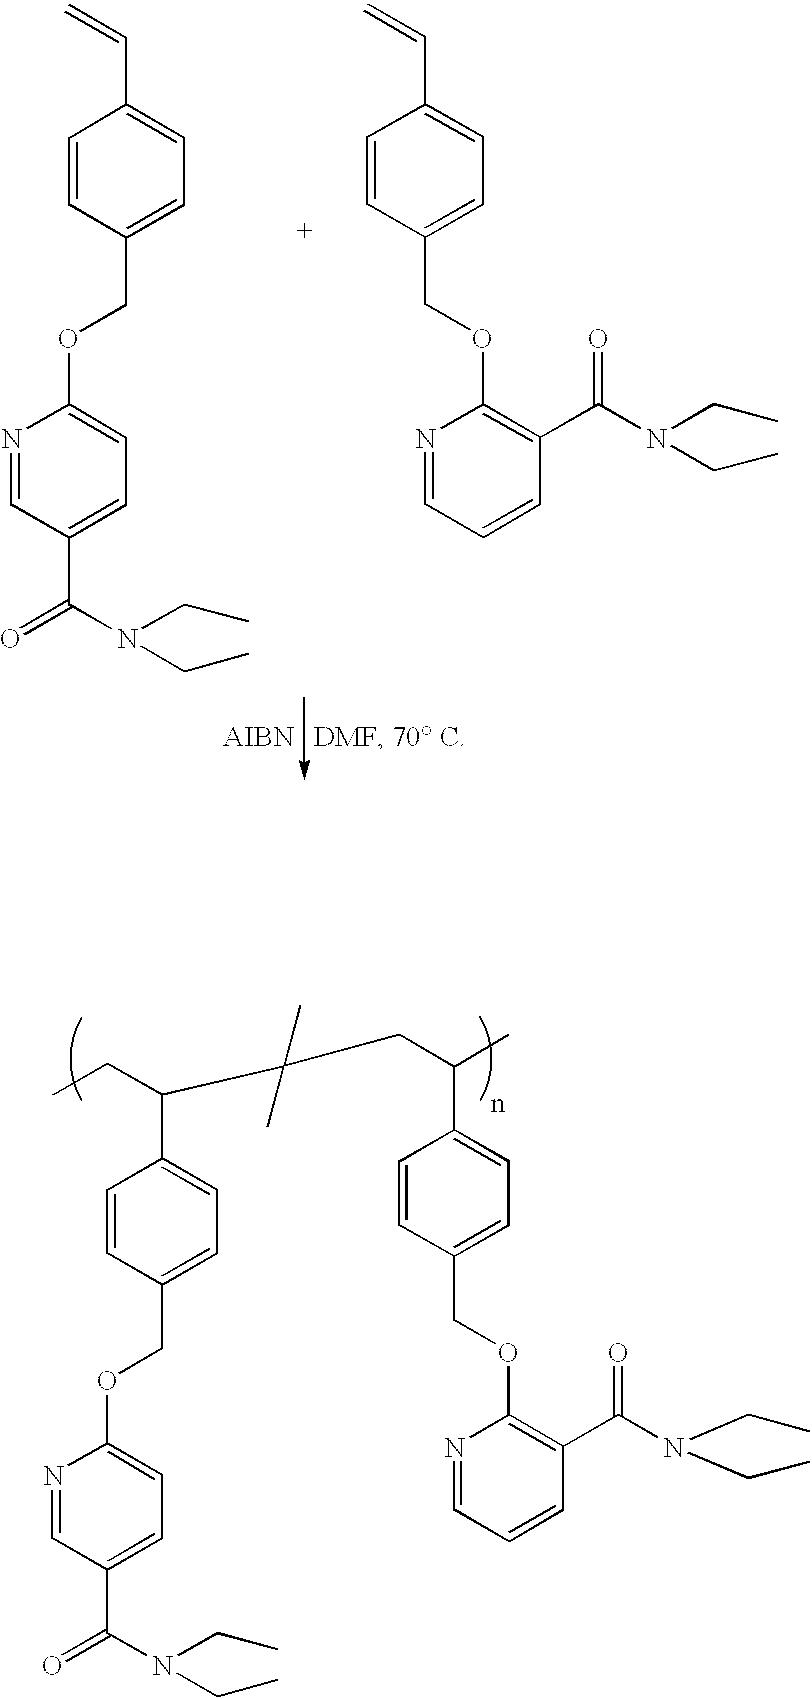 Figure US20030031715A1-20030213-C00062